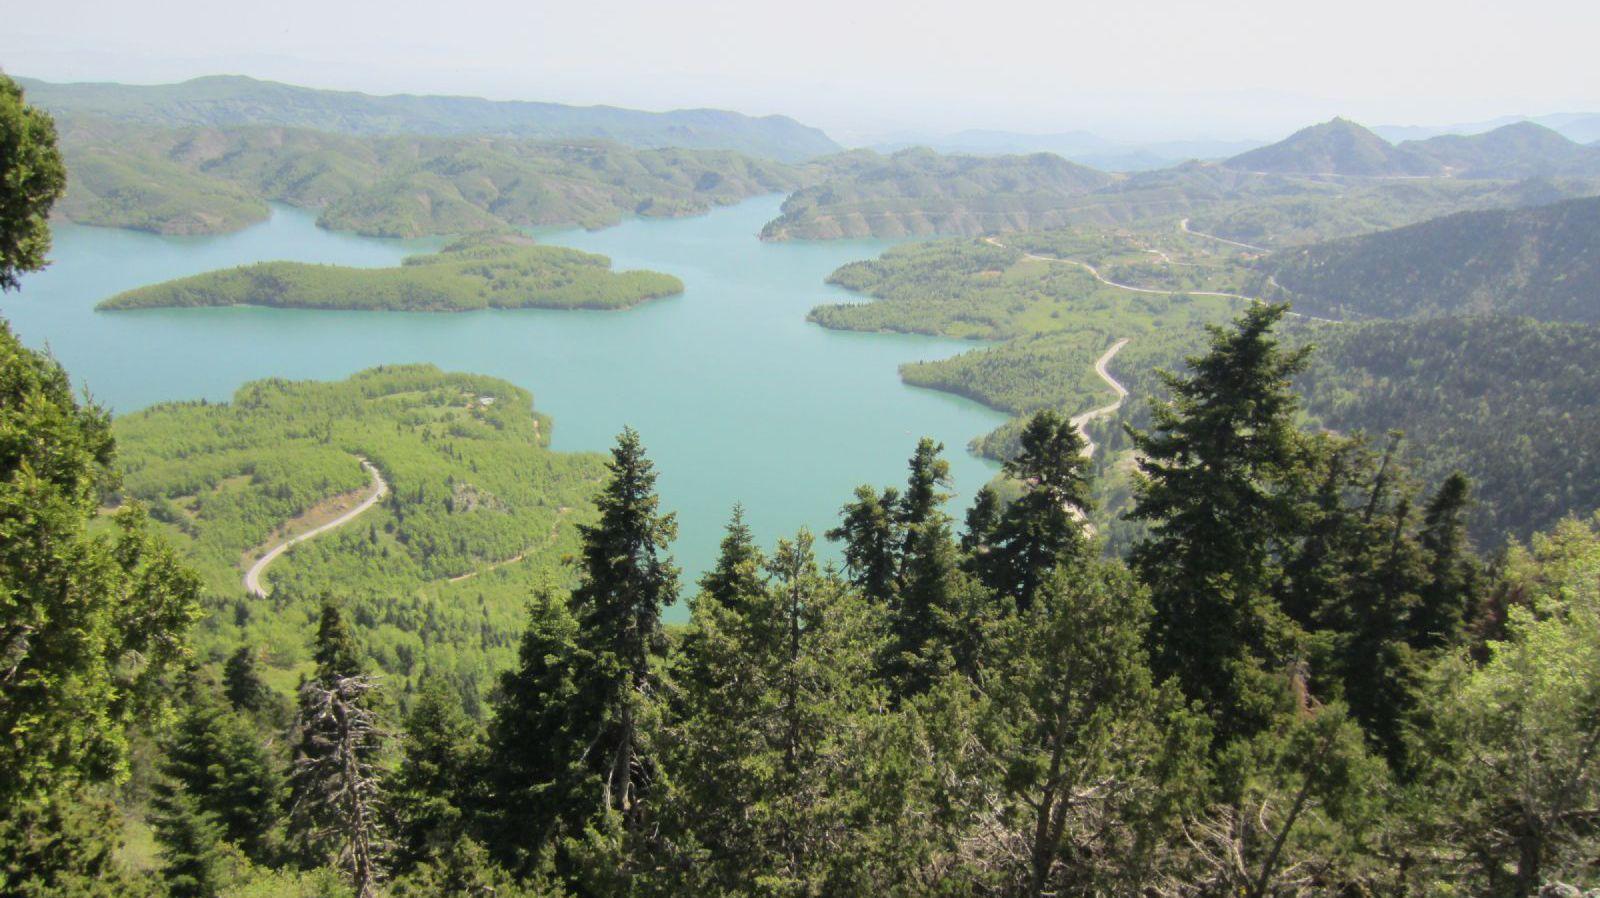 Λίμνη Πλαστήρα: 87 Φωτο-Προτάσεις